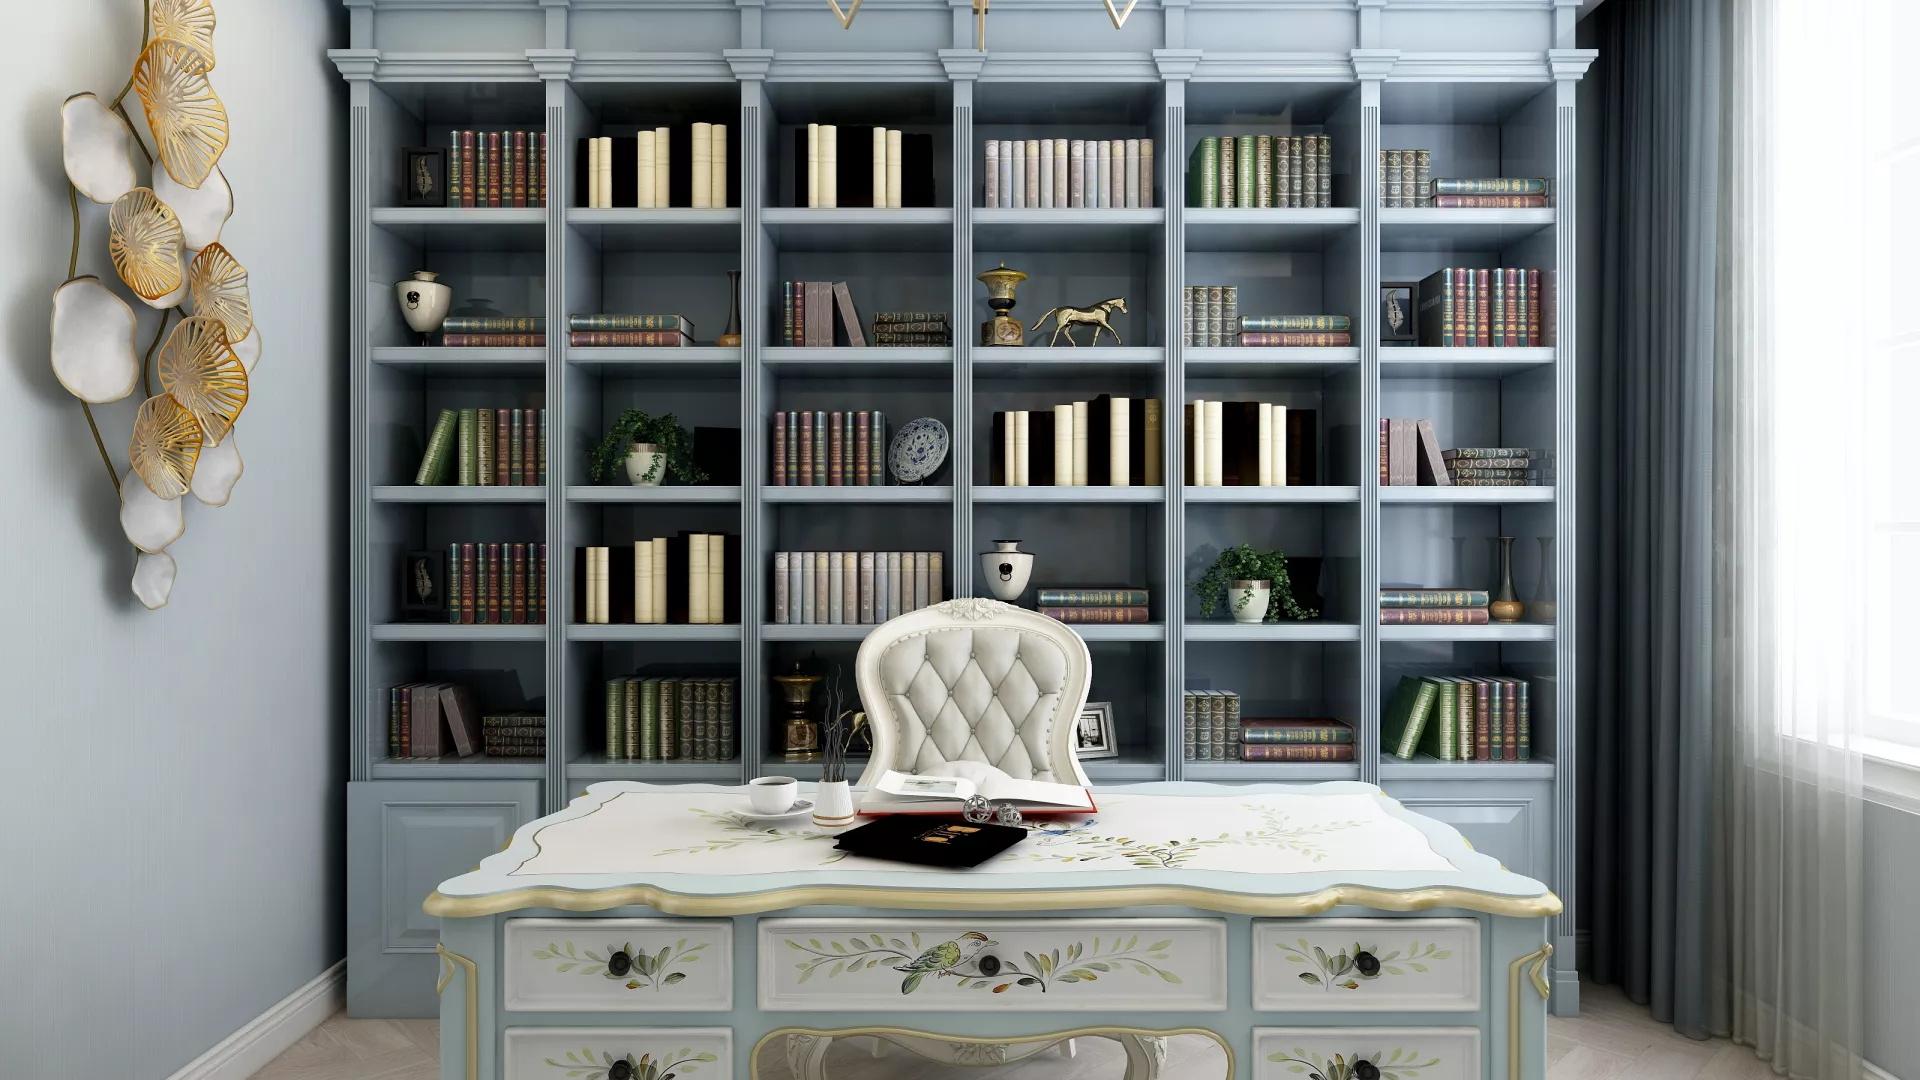 客厅设计有哪些要求 客厅设计效果图